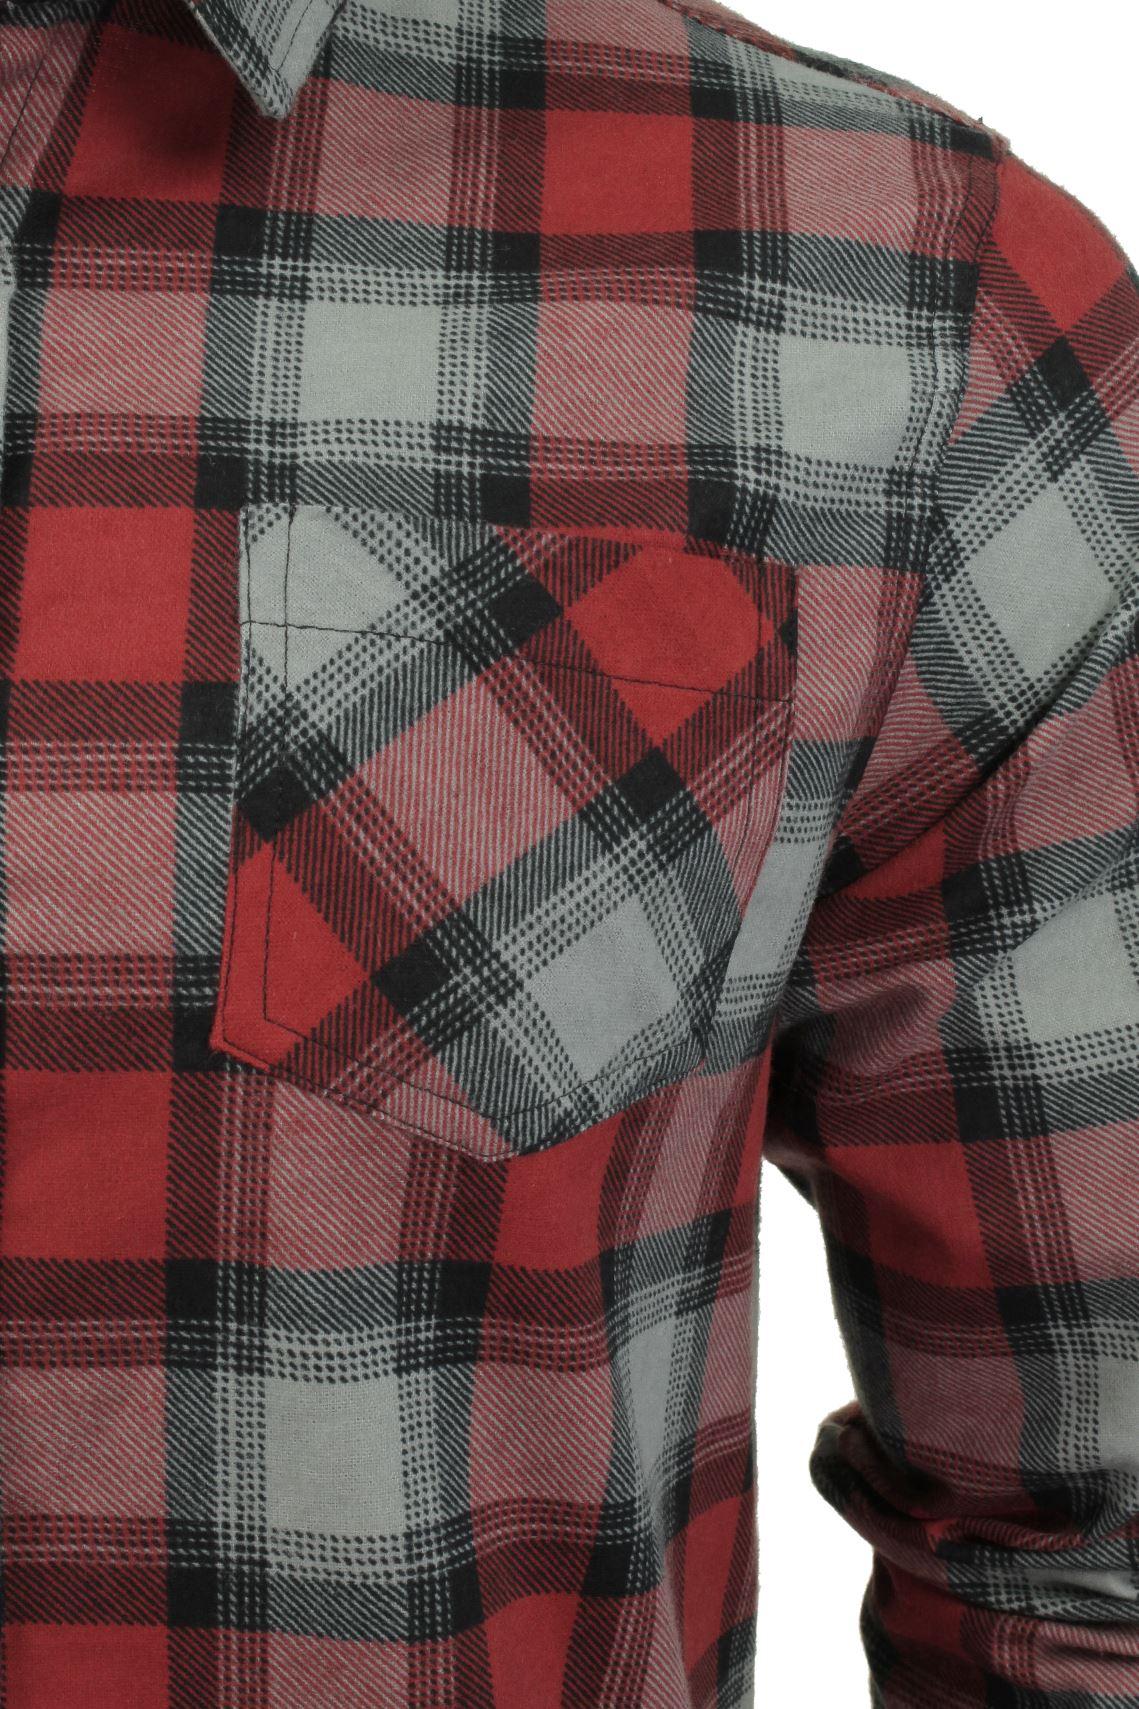 Verificacion-de-franela-de-algodon-cepillado-alma-valiente-camisa-de-mangas-largas-De-Jack miniatura 17